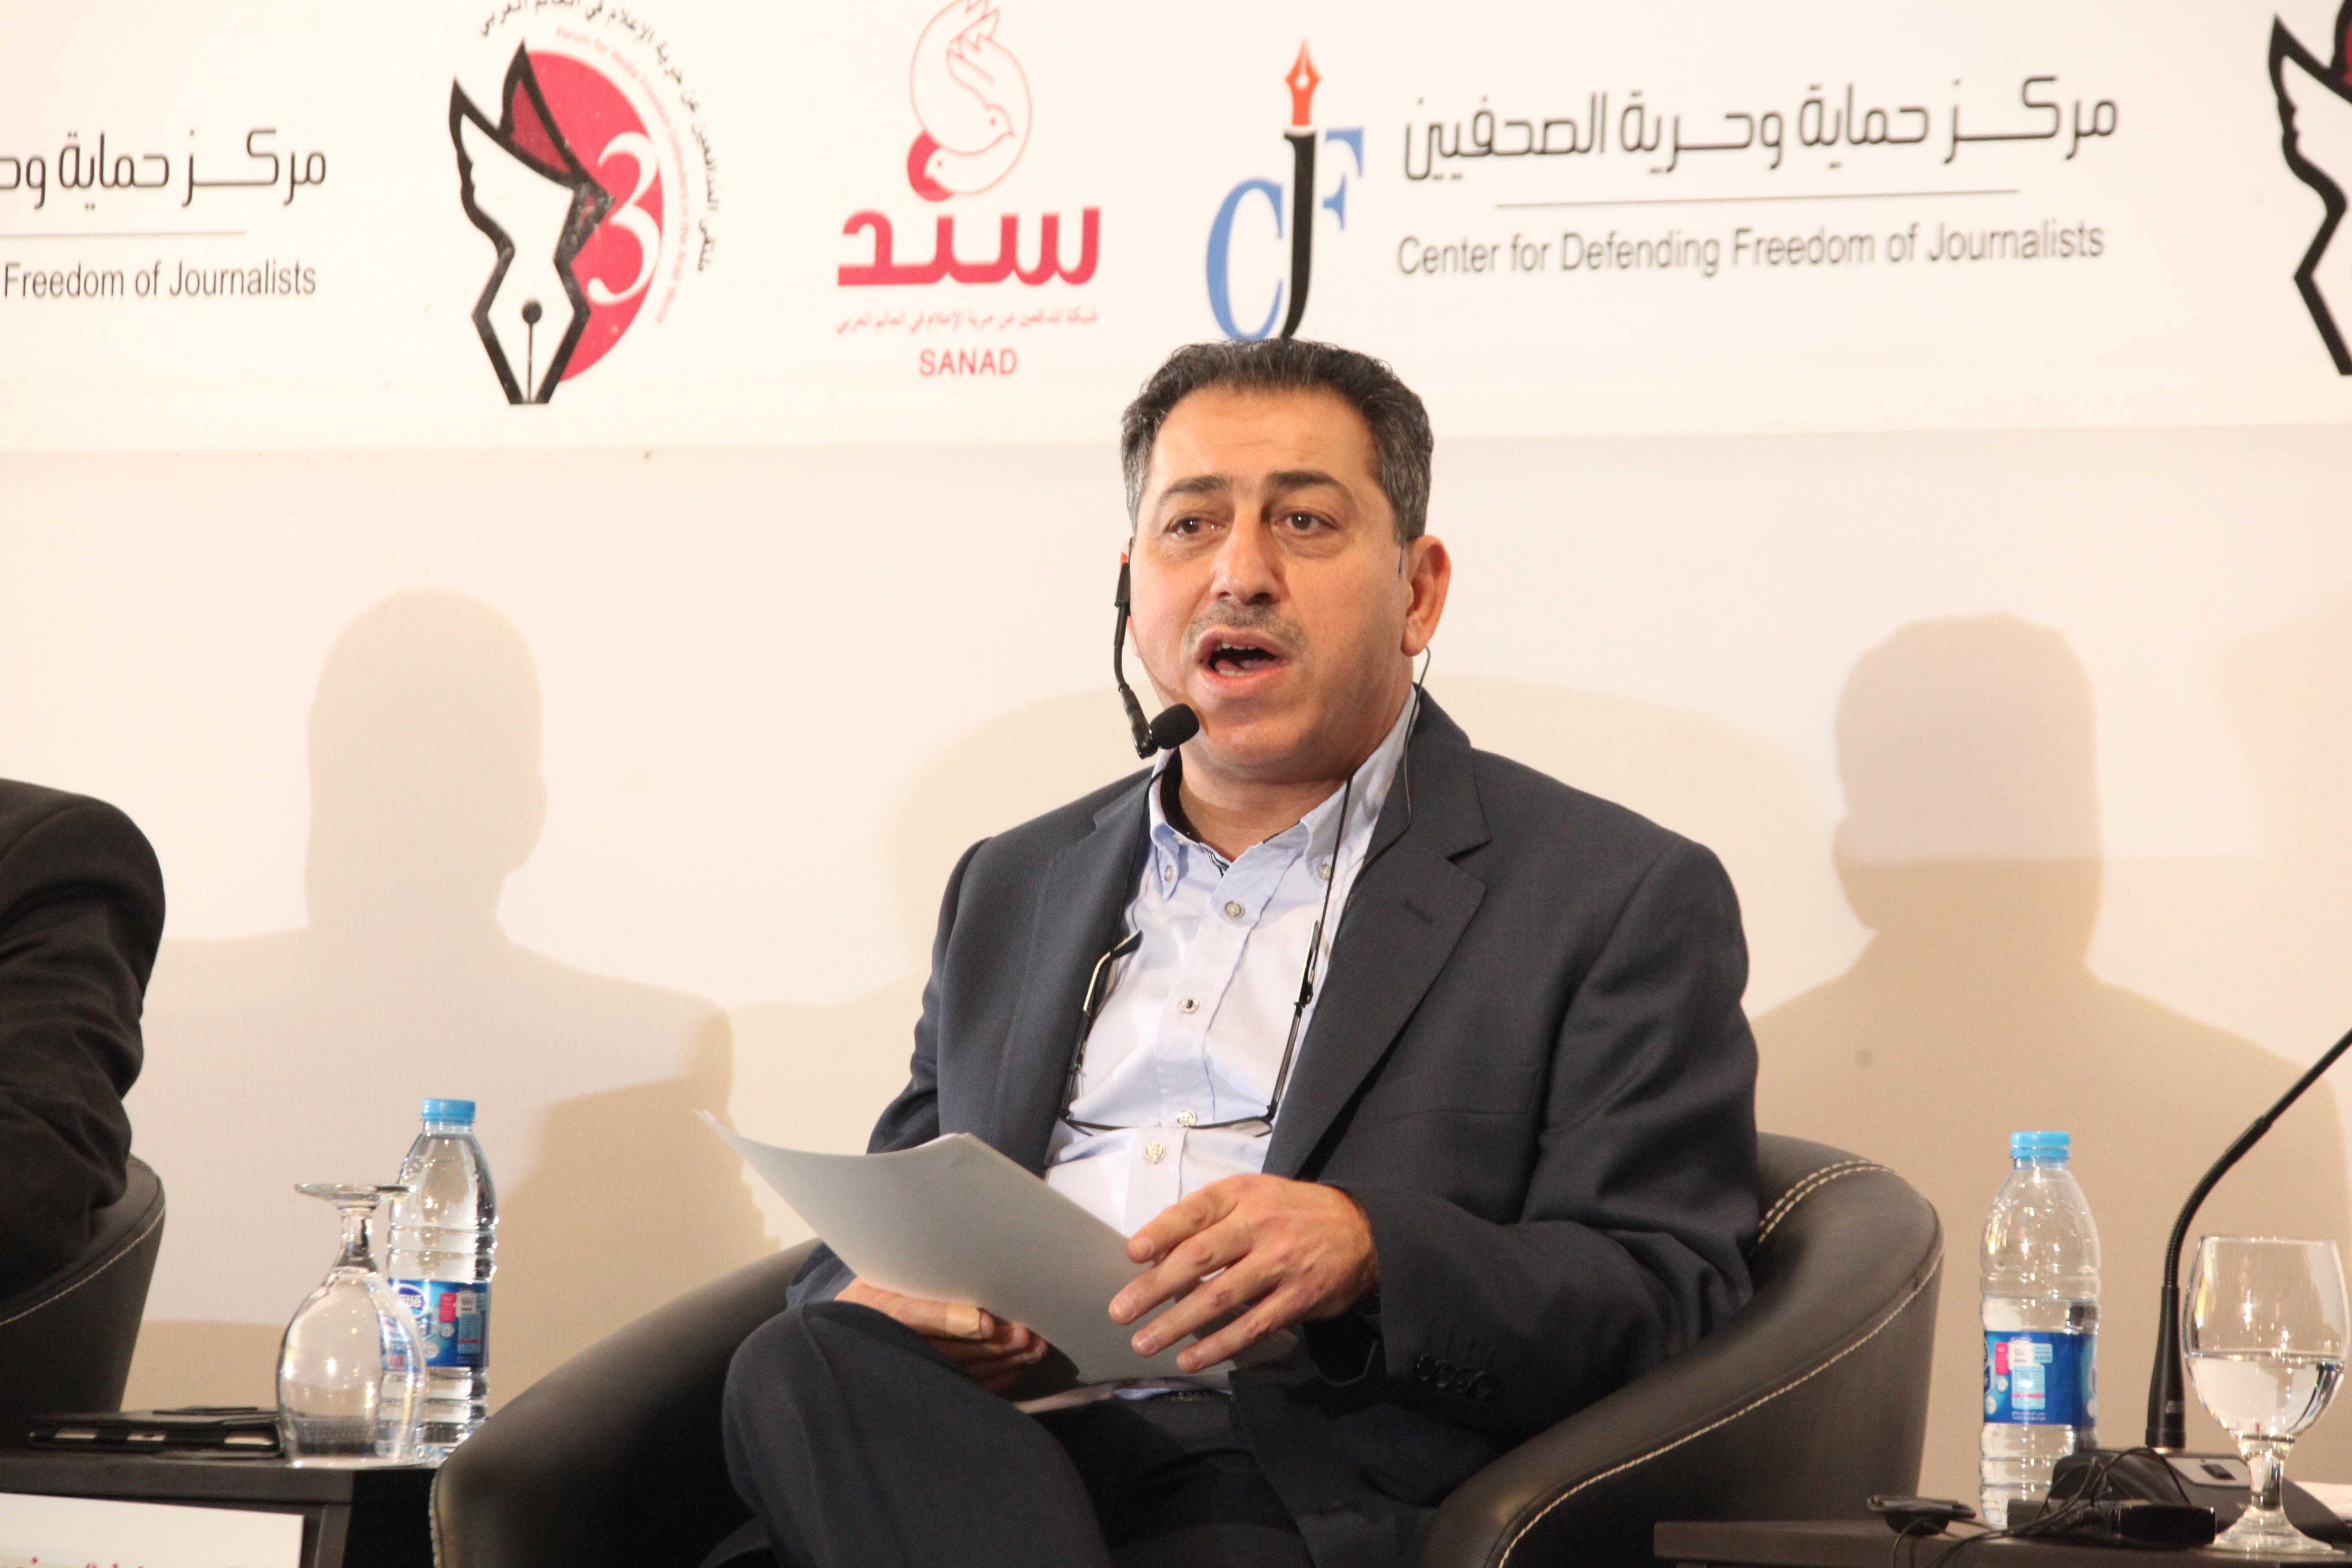 محكمة الاستئناف تبرئ مركز حماية وحرية الصحفيين ورئيسه التنفيذي